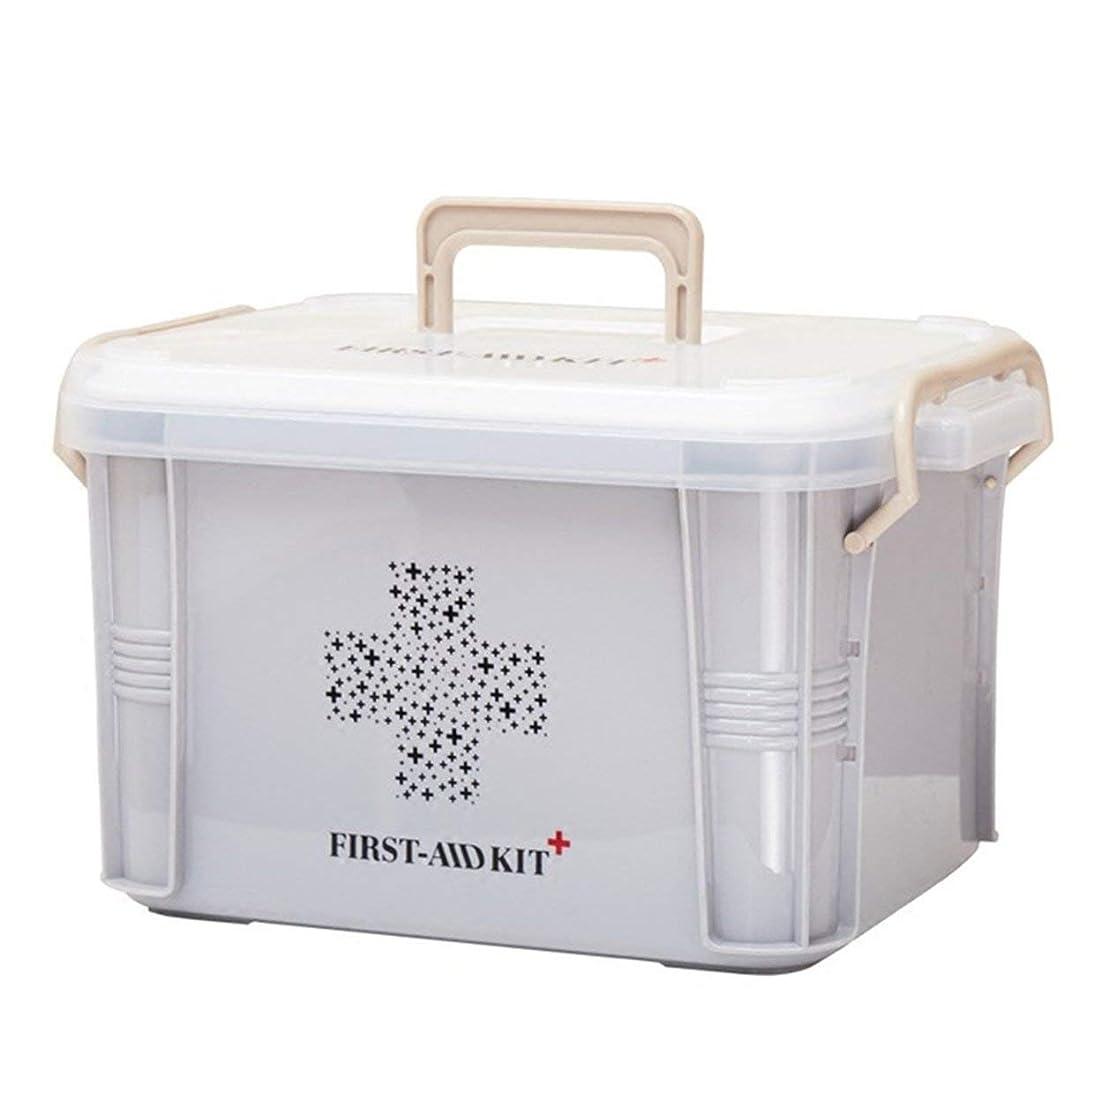 短命損なう呪われたSaikogoods 実用的なデザインホーム用薬箱ファーストエイドキットボックスプラスチック容器の救急キットポータブルストレージオーガナイザー グレー S